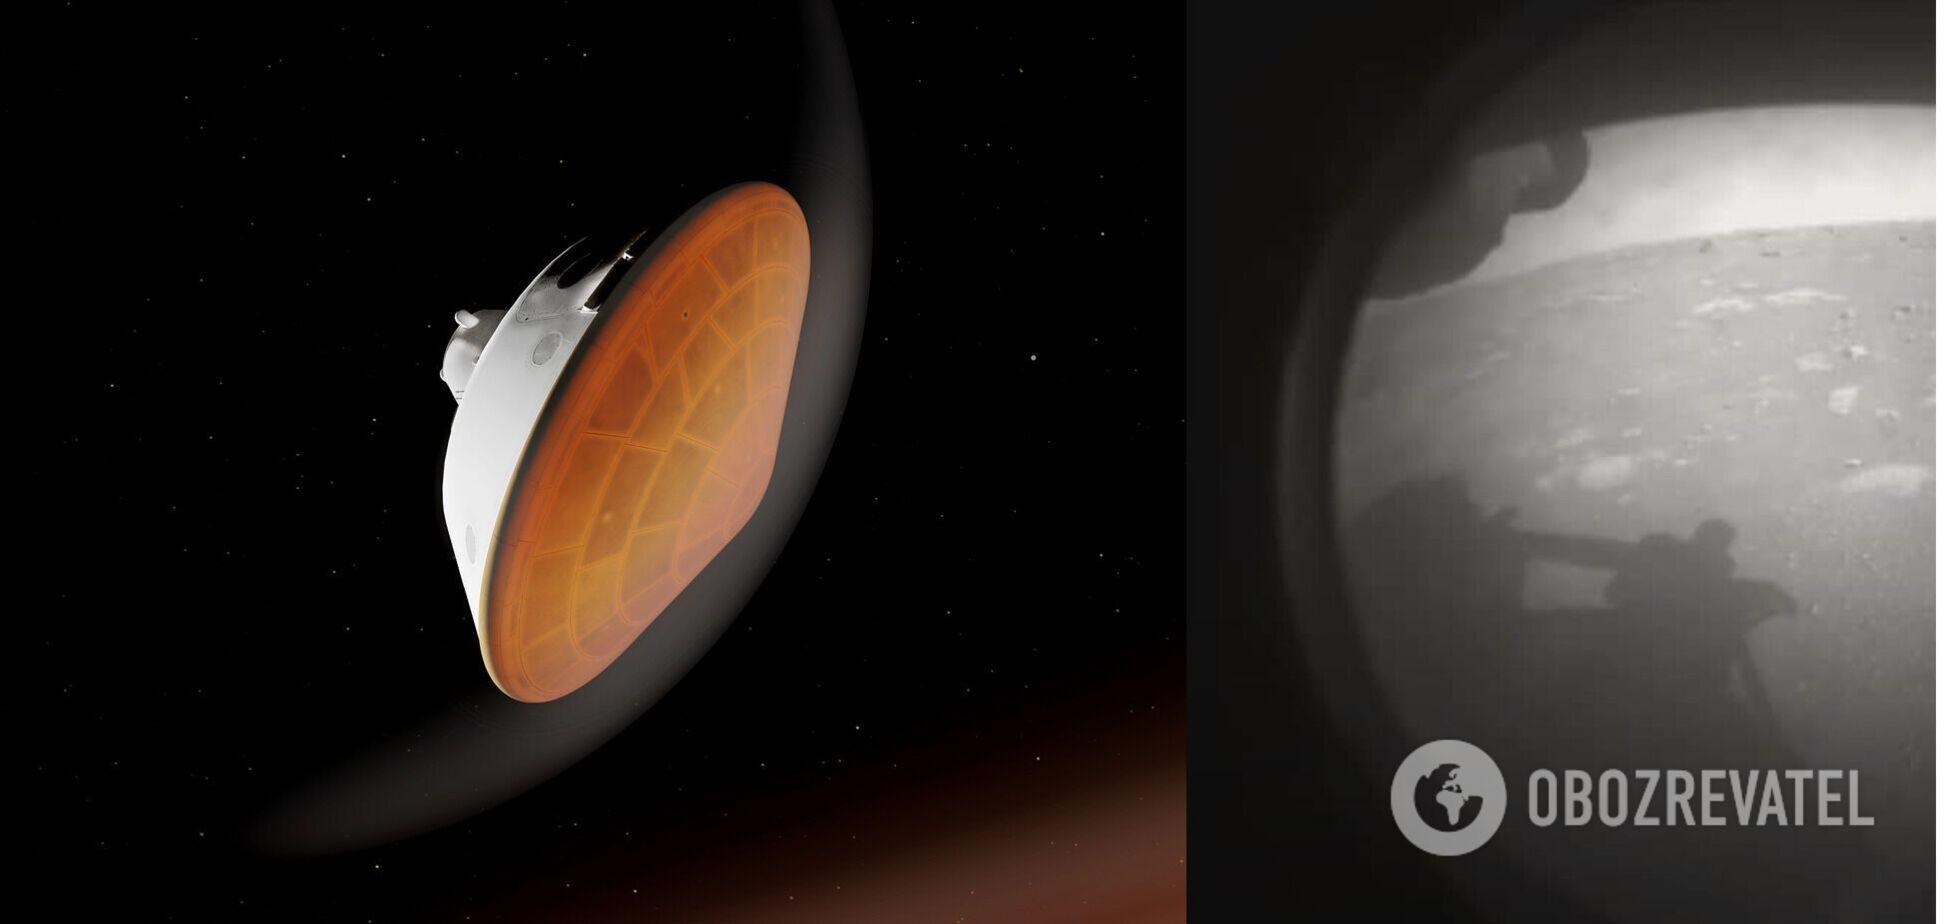 Perseverance передал первые фото Марса